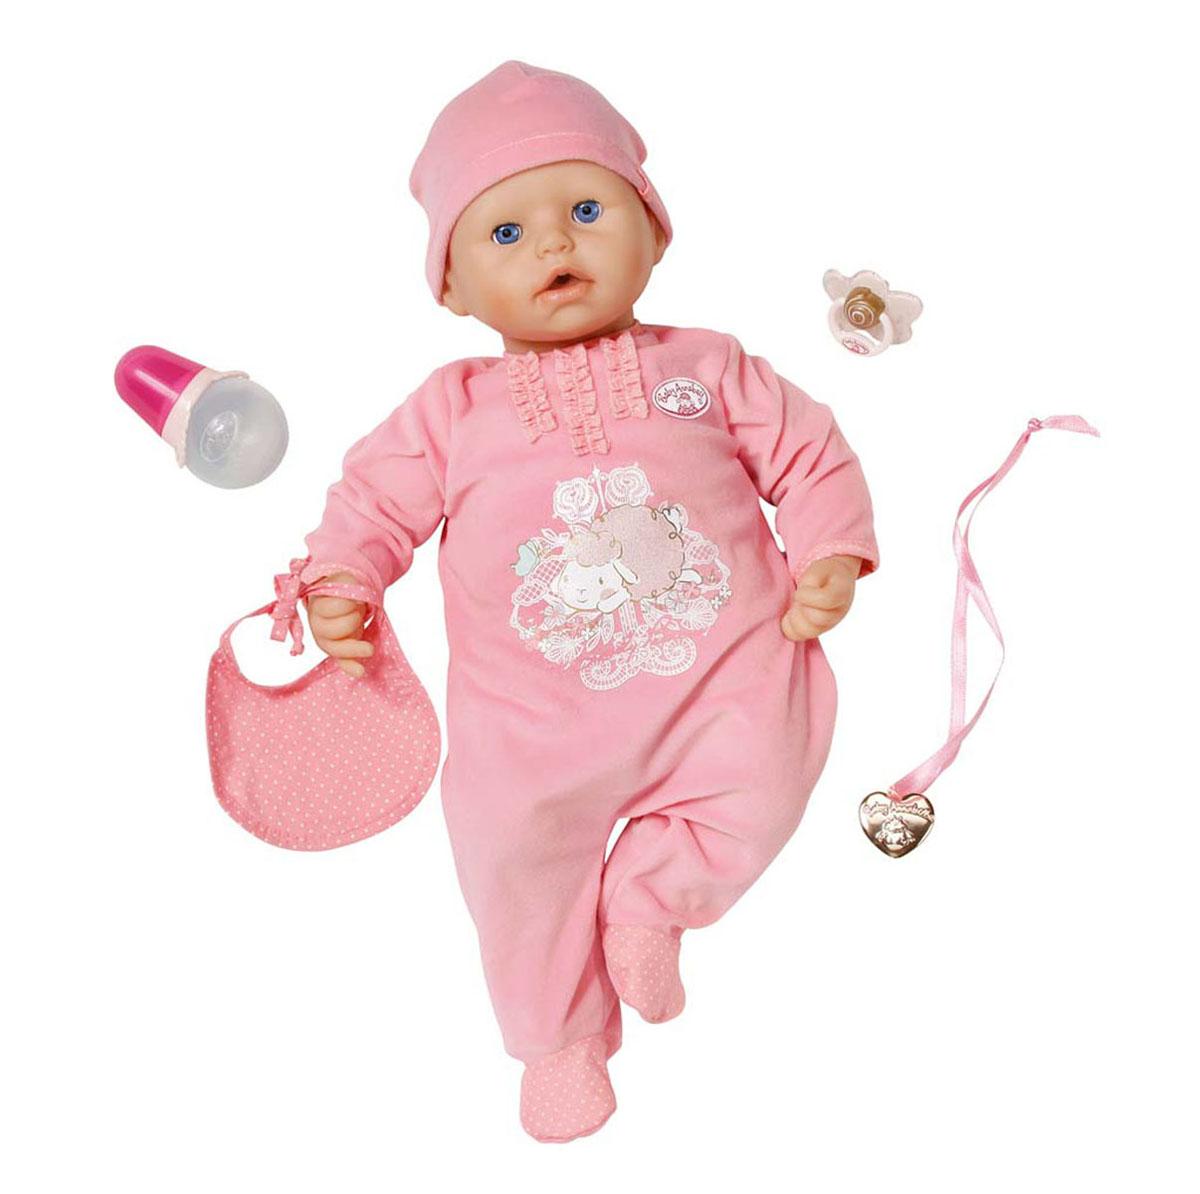 Baby Annabell Пупс с мимикой в розовом комбинезоне